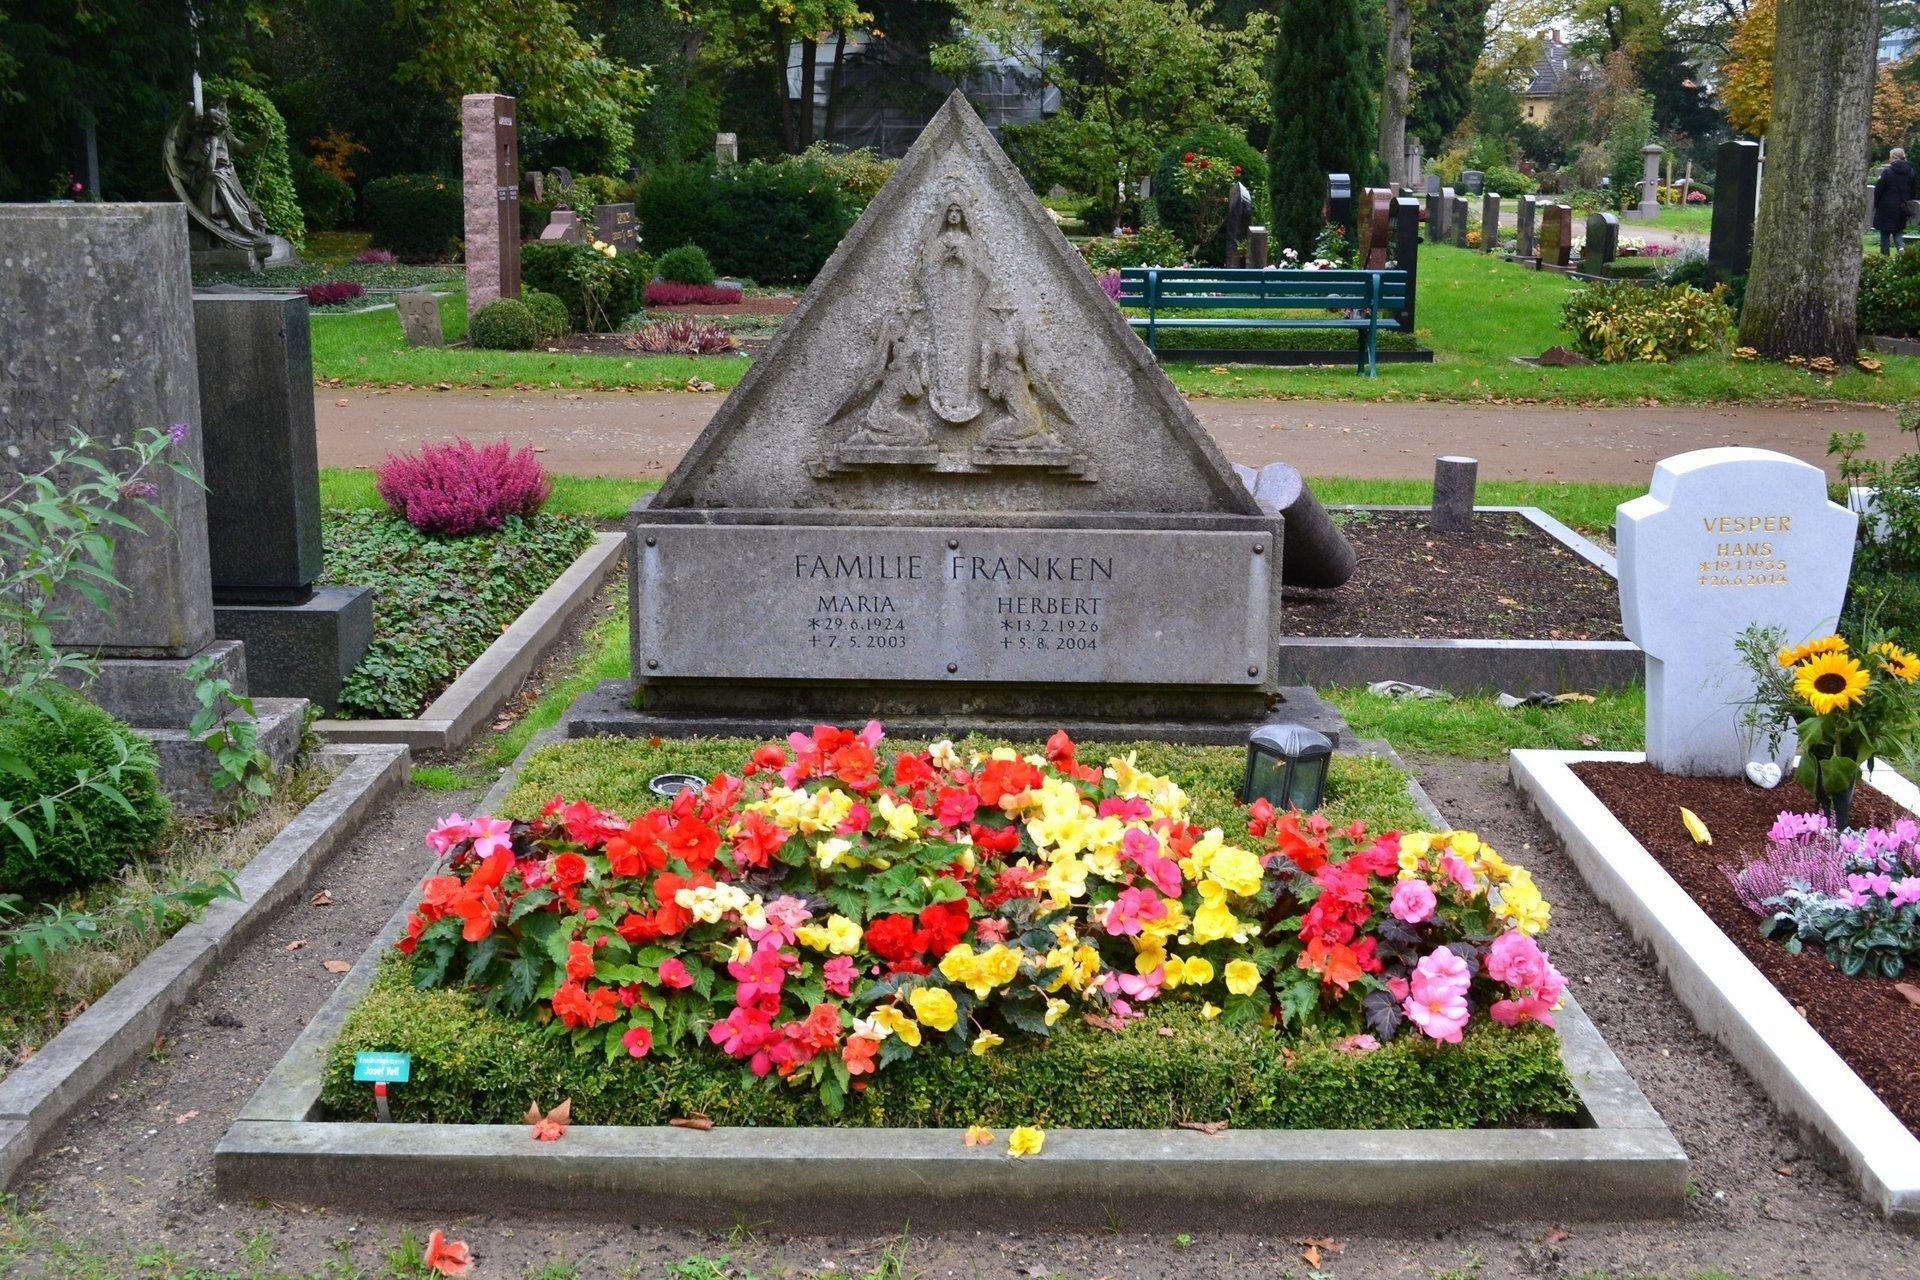 кладбище Дюссельдорфа Нордфридхоф